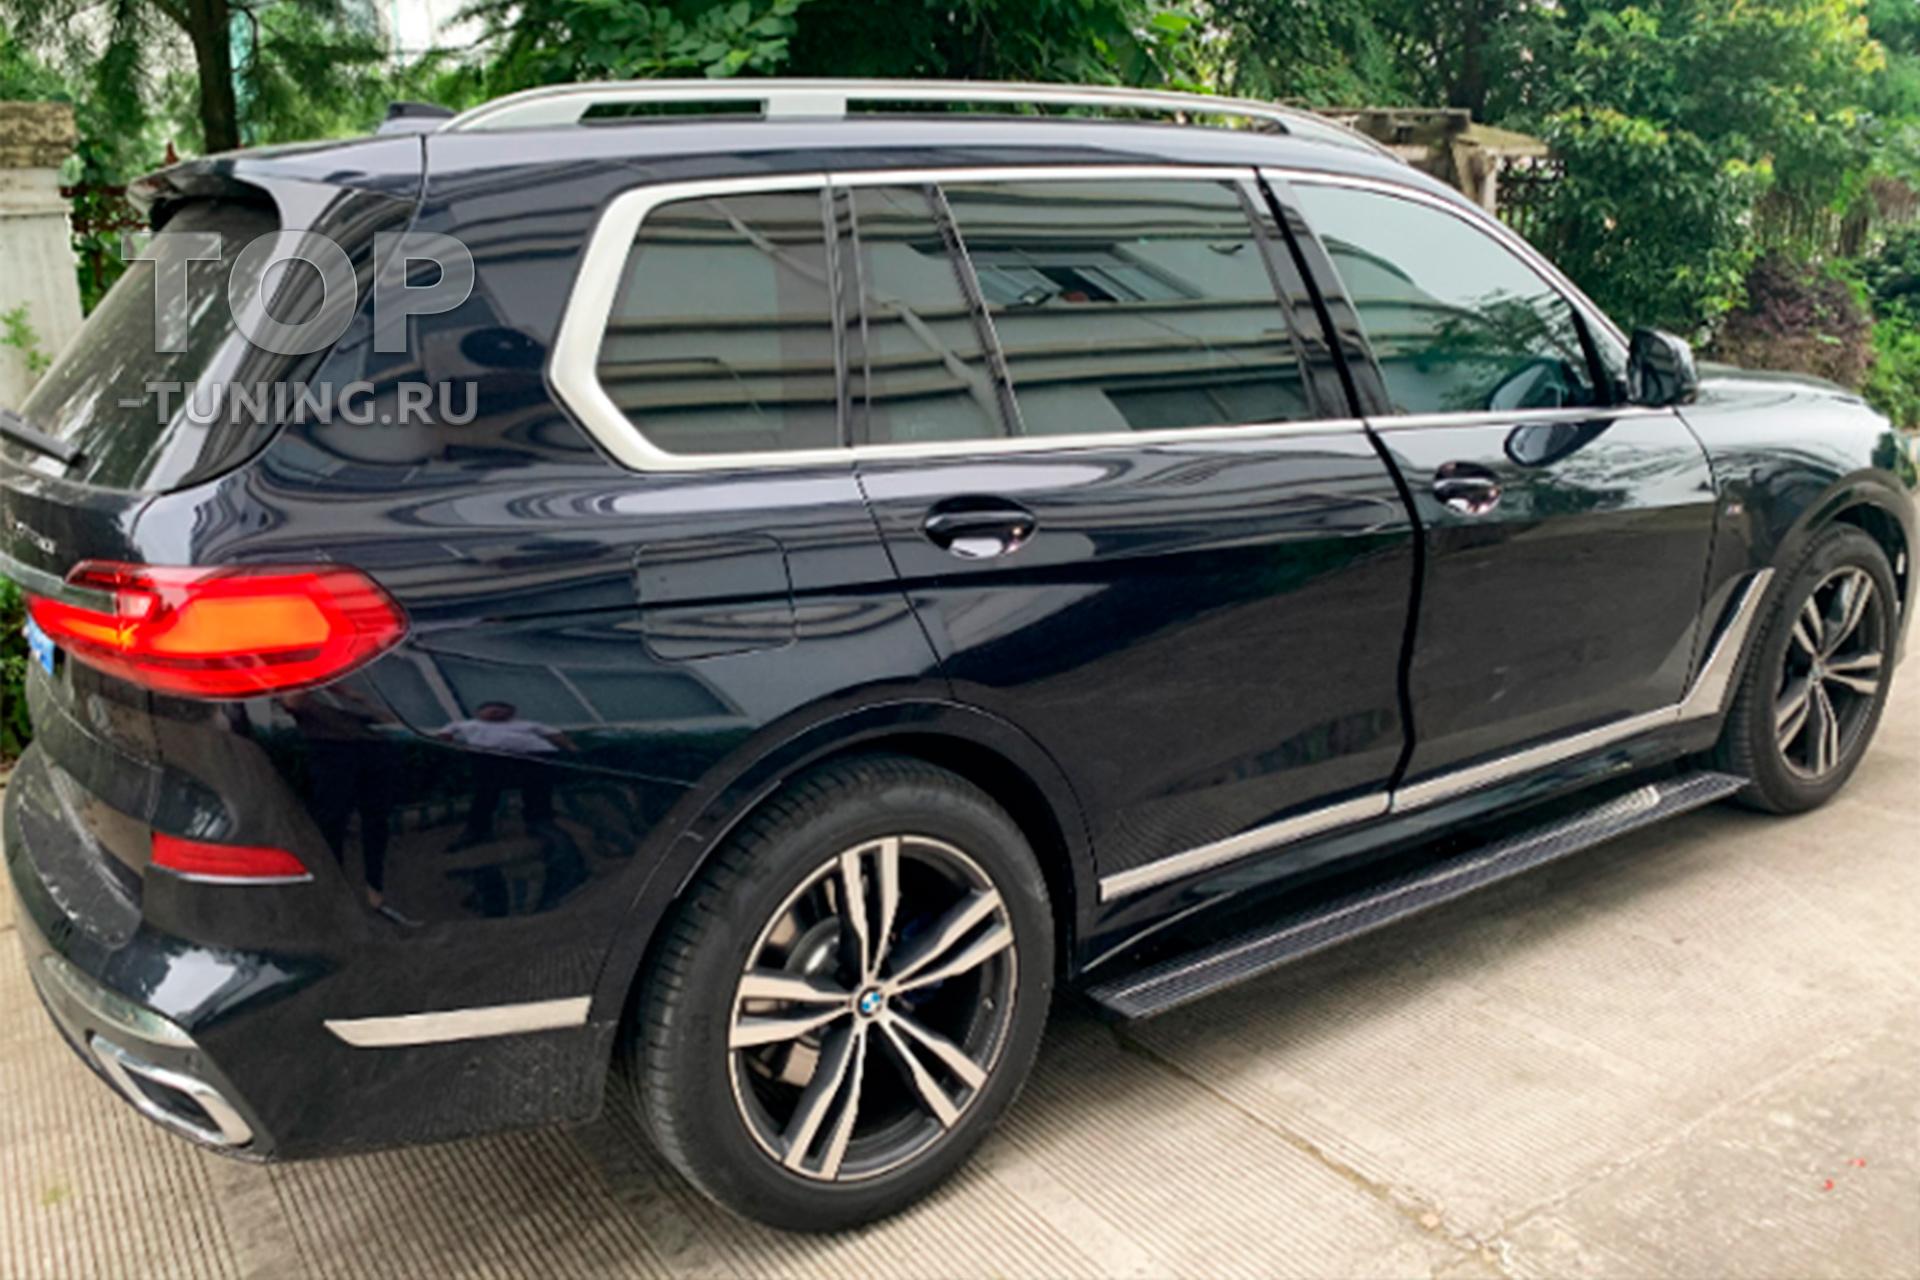 Выезжающие подножки под пороги для BMW X7